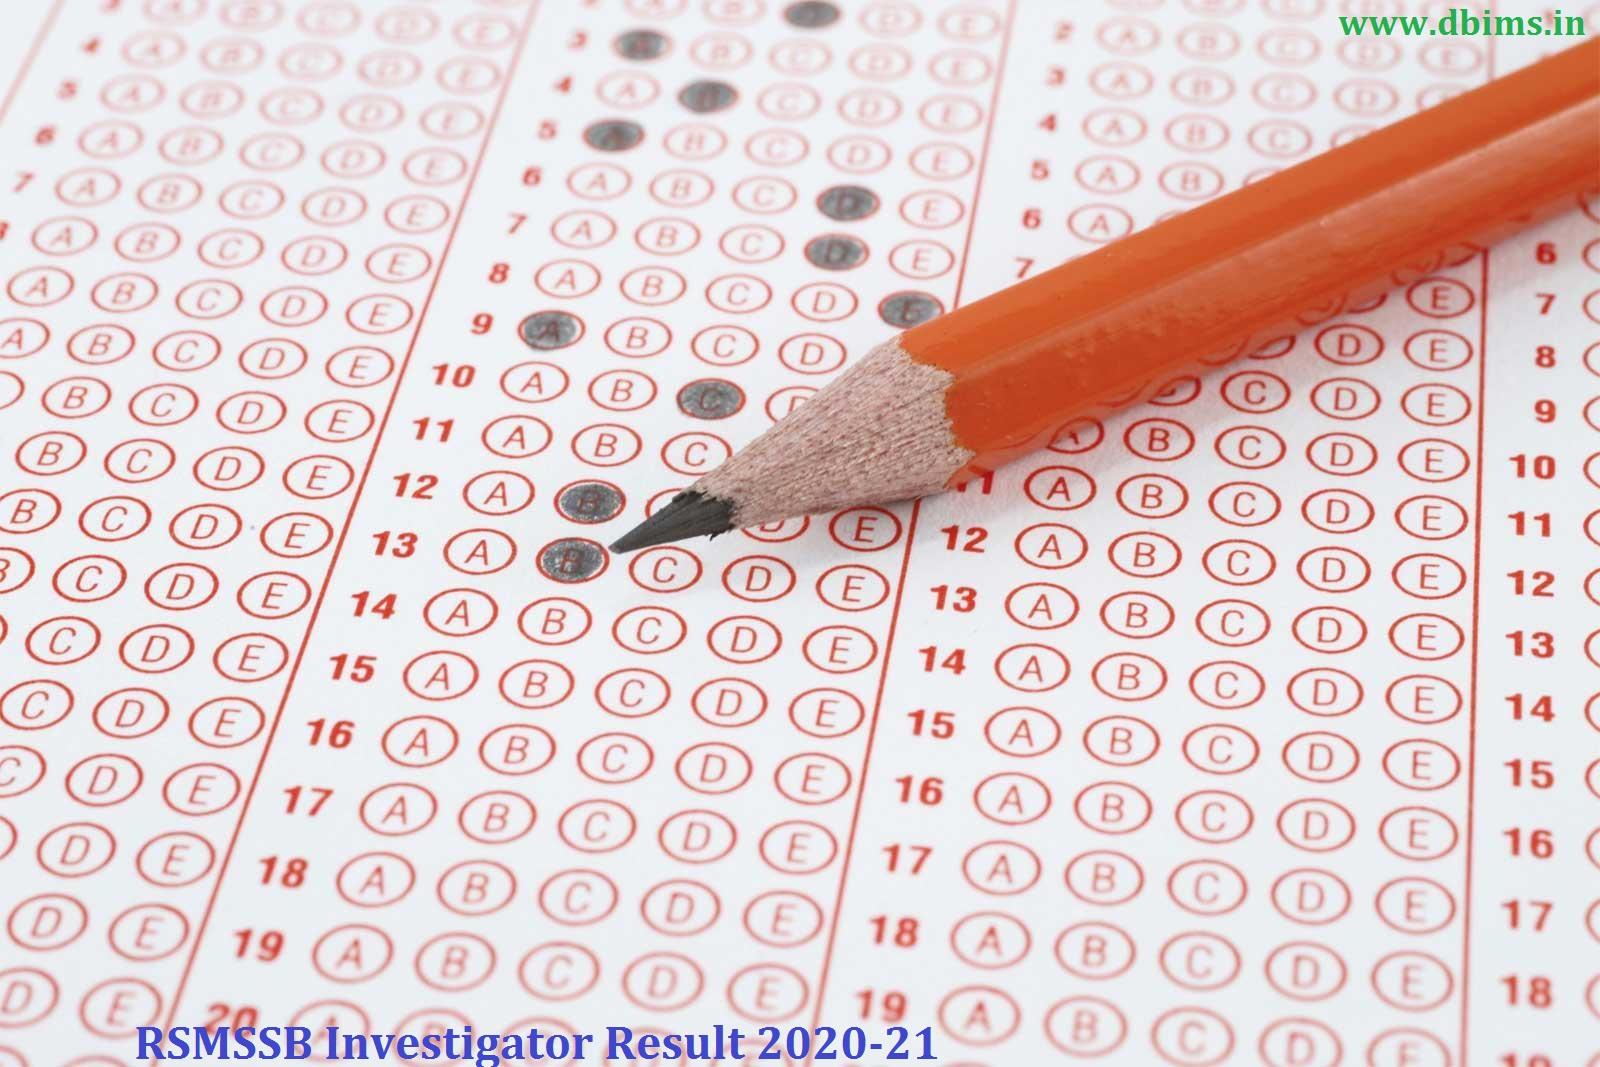 RSMSSB Investigator Result 2020-21